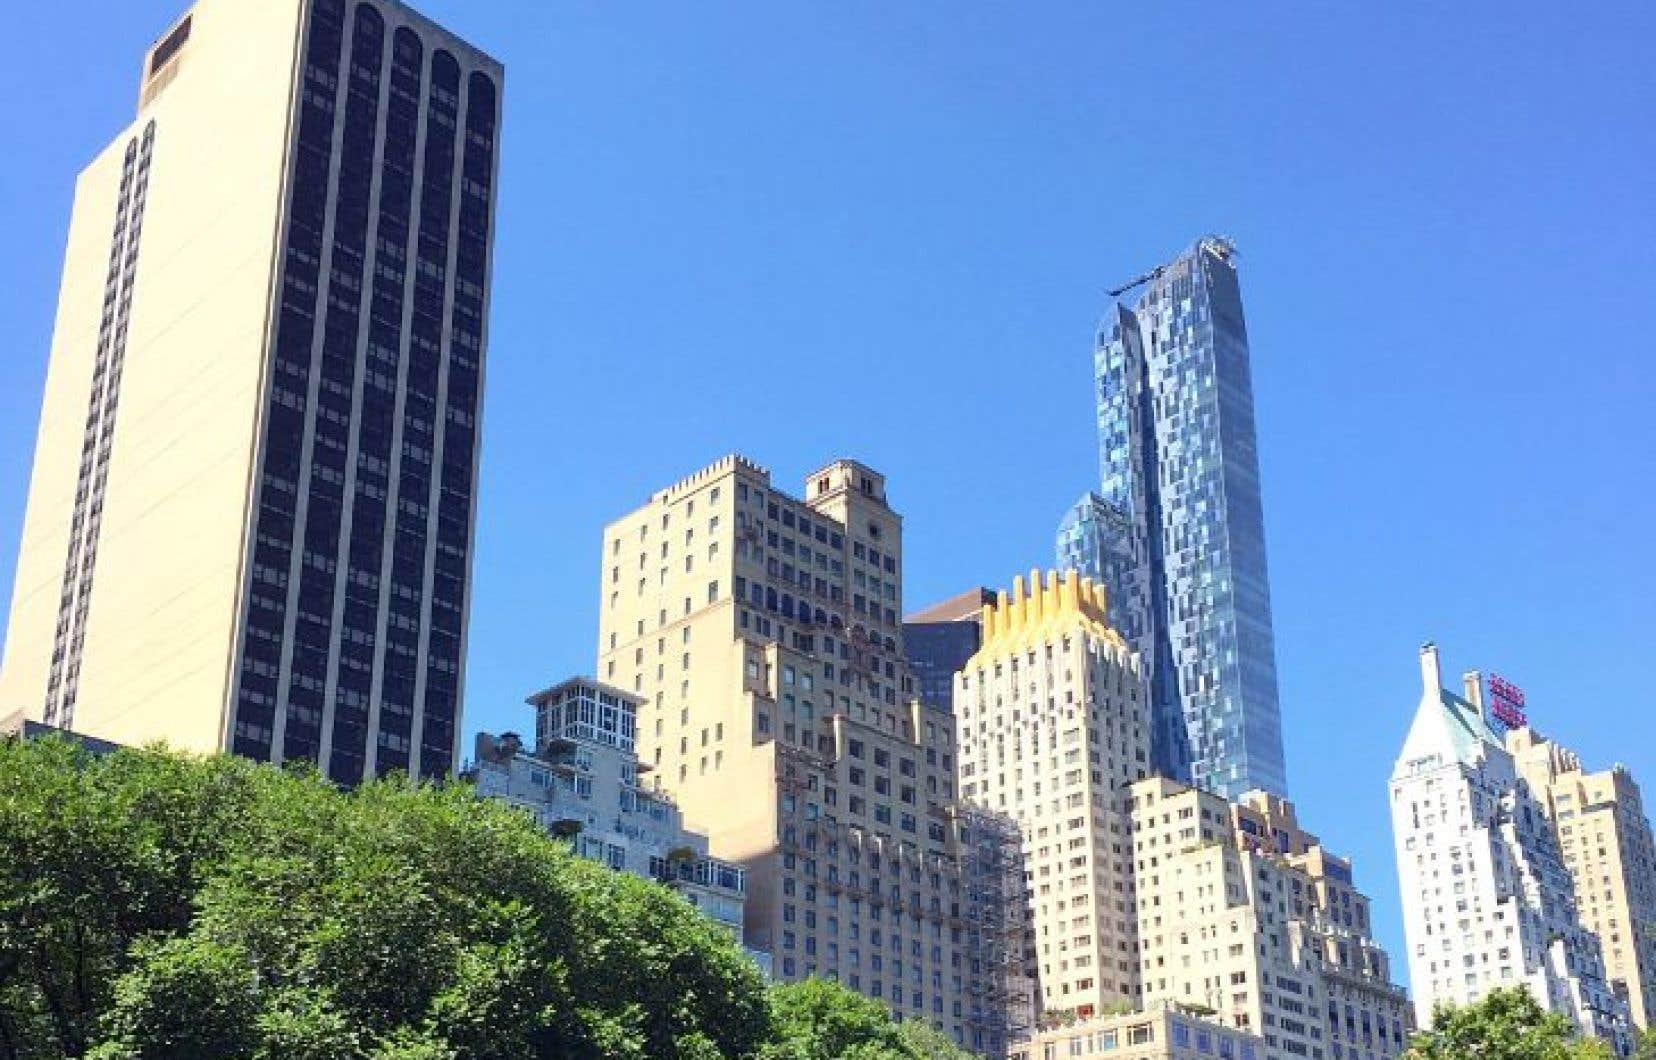 Central Park, l'incontournable poumon vert de Manhattan, à New York